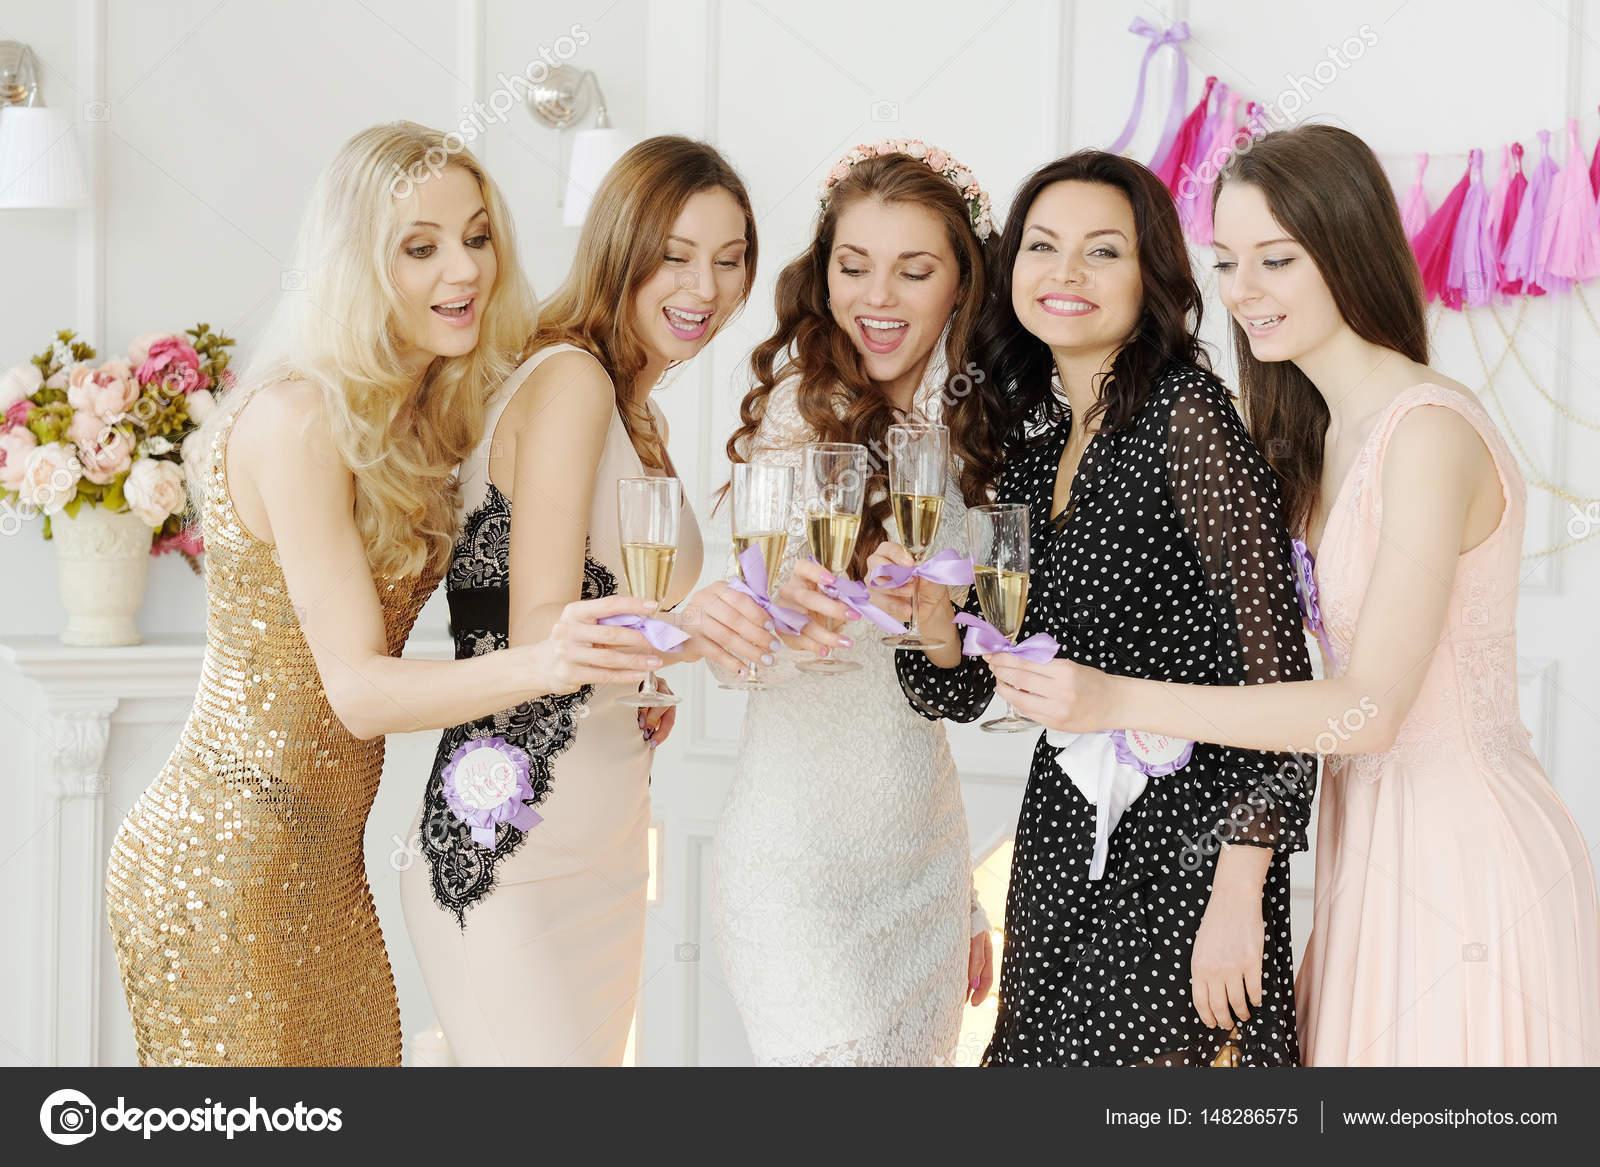 Frauen feiern Junggesellenabschied — Stockfoto © yekophotostudio ...